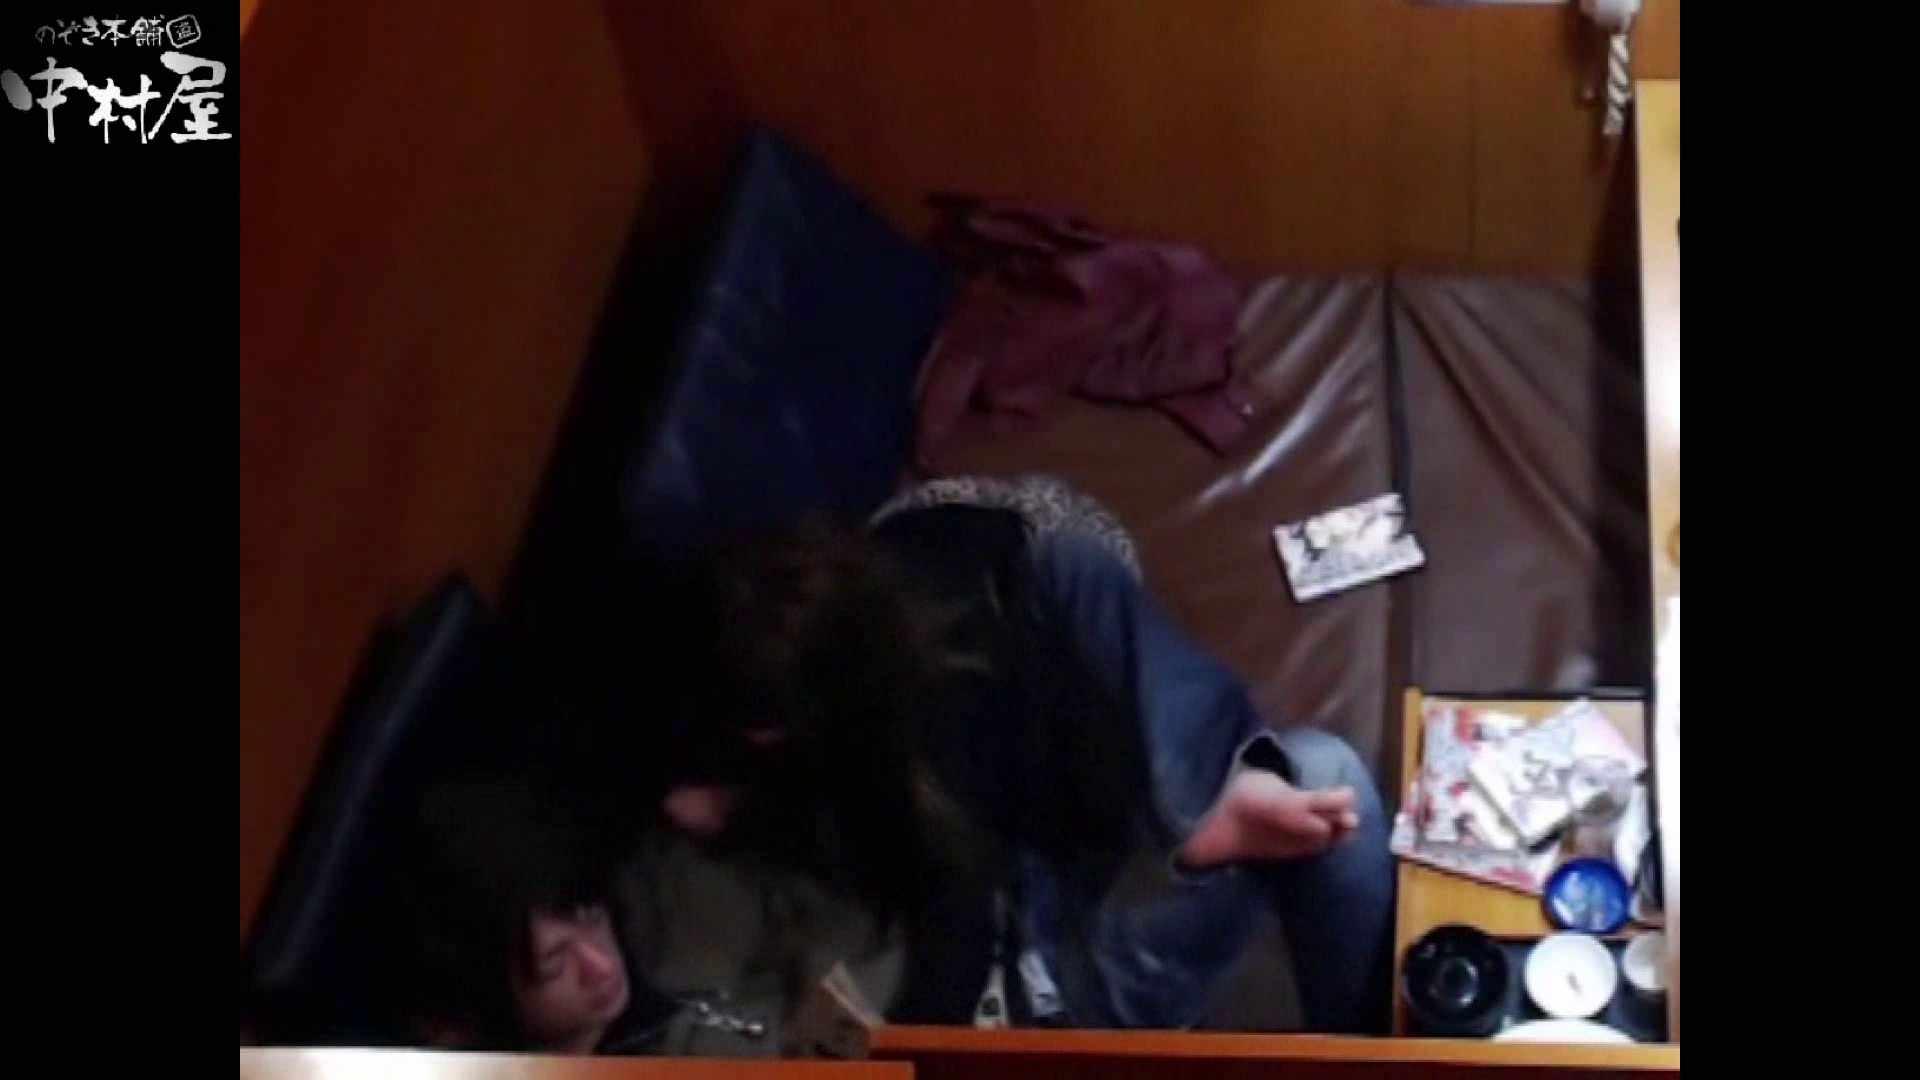 ネットカフェ盗撮師トロントさんの 素人カップル盗撮記vol.4 喘ぎ ぱこり動画紹介 101PIX 17